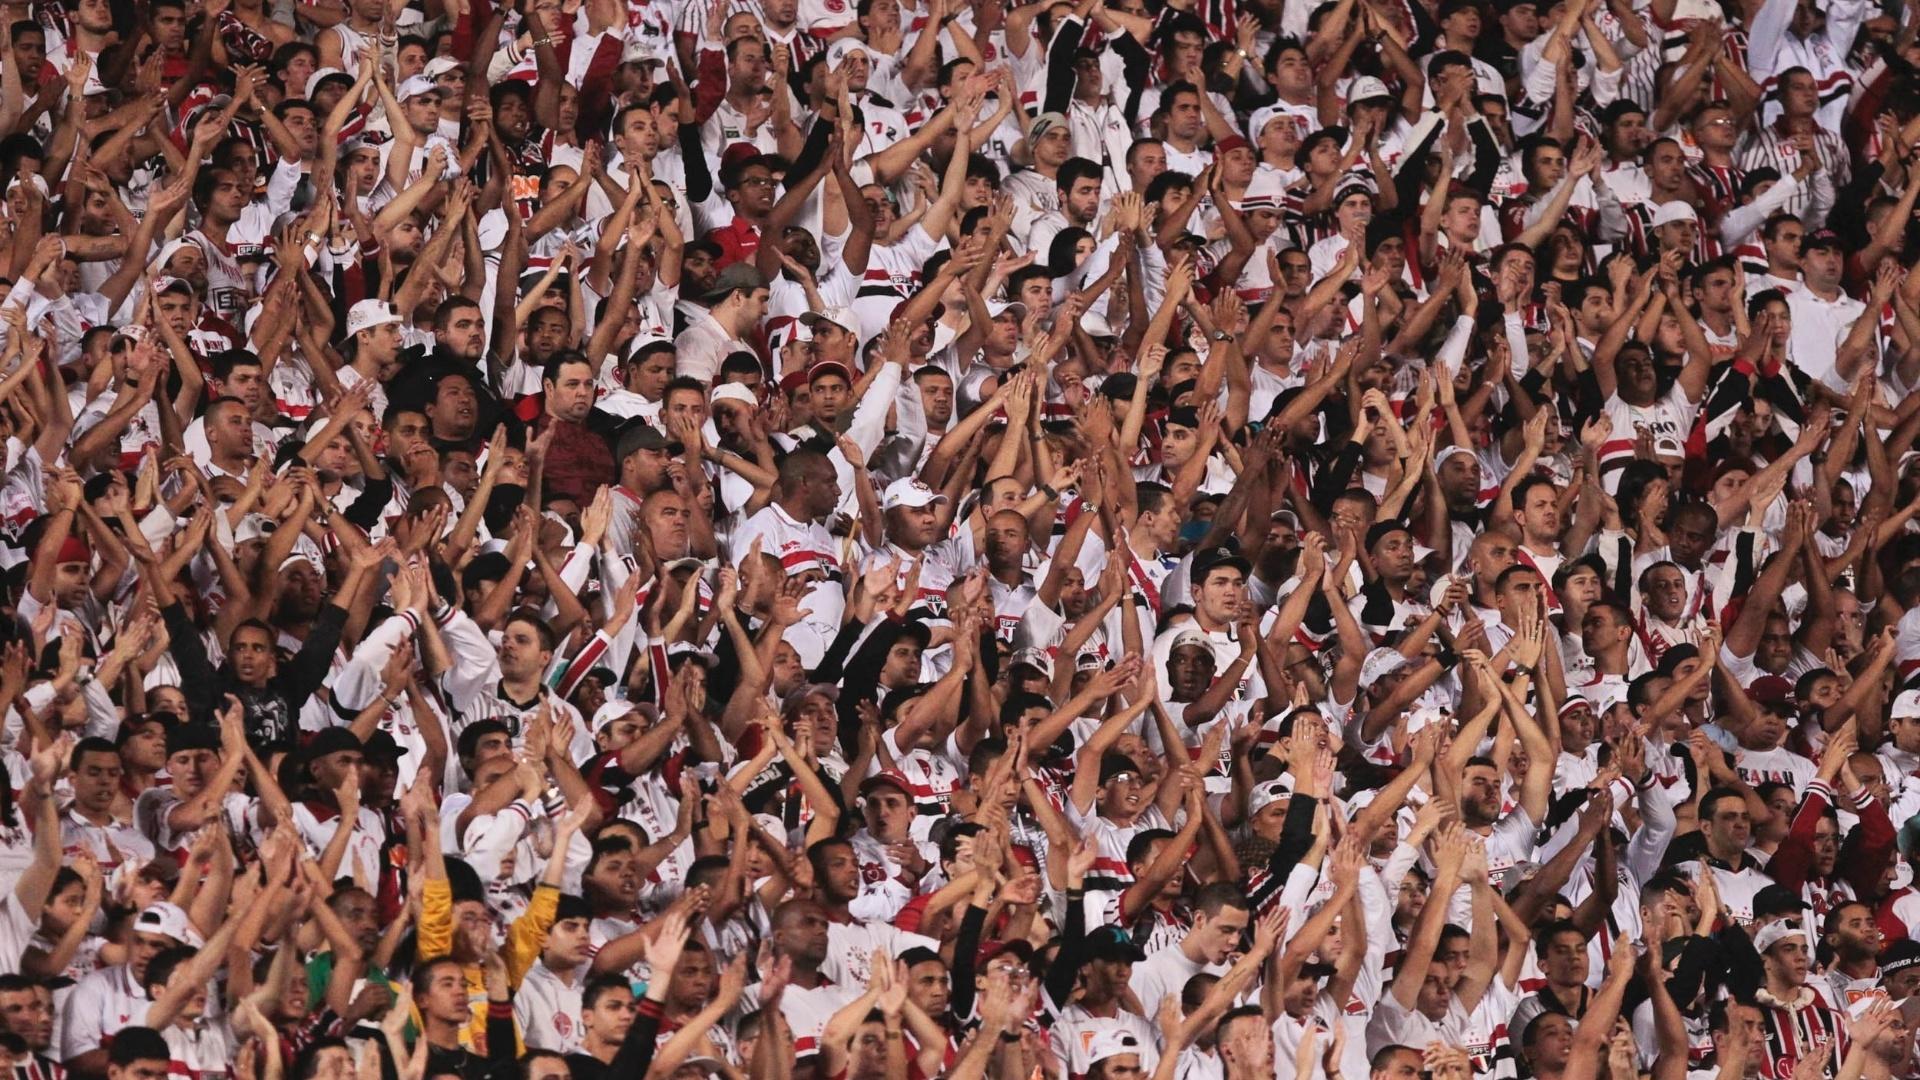 Torcida do São Paulo faz a festa durante a vitória sobre o Coritiba